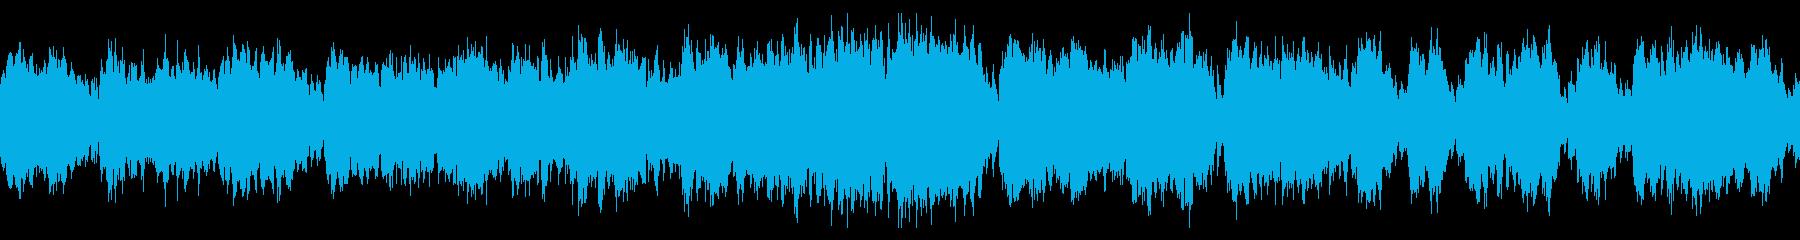 華やかな城下町オーケストラ曲 ループの再生済みの波形